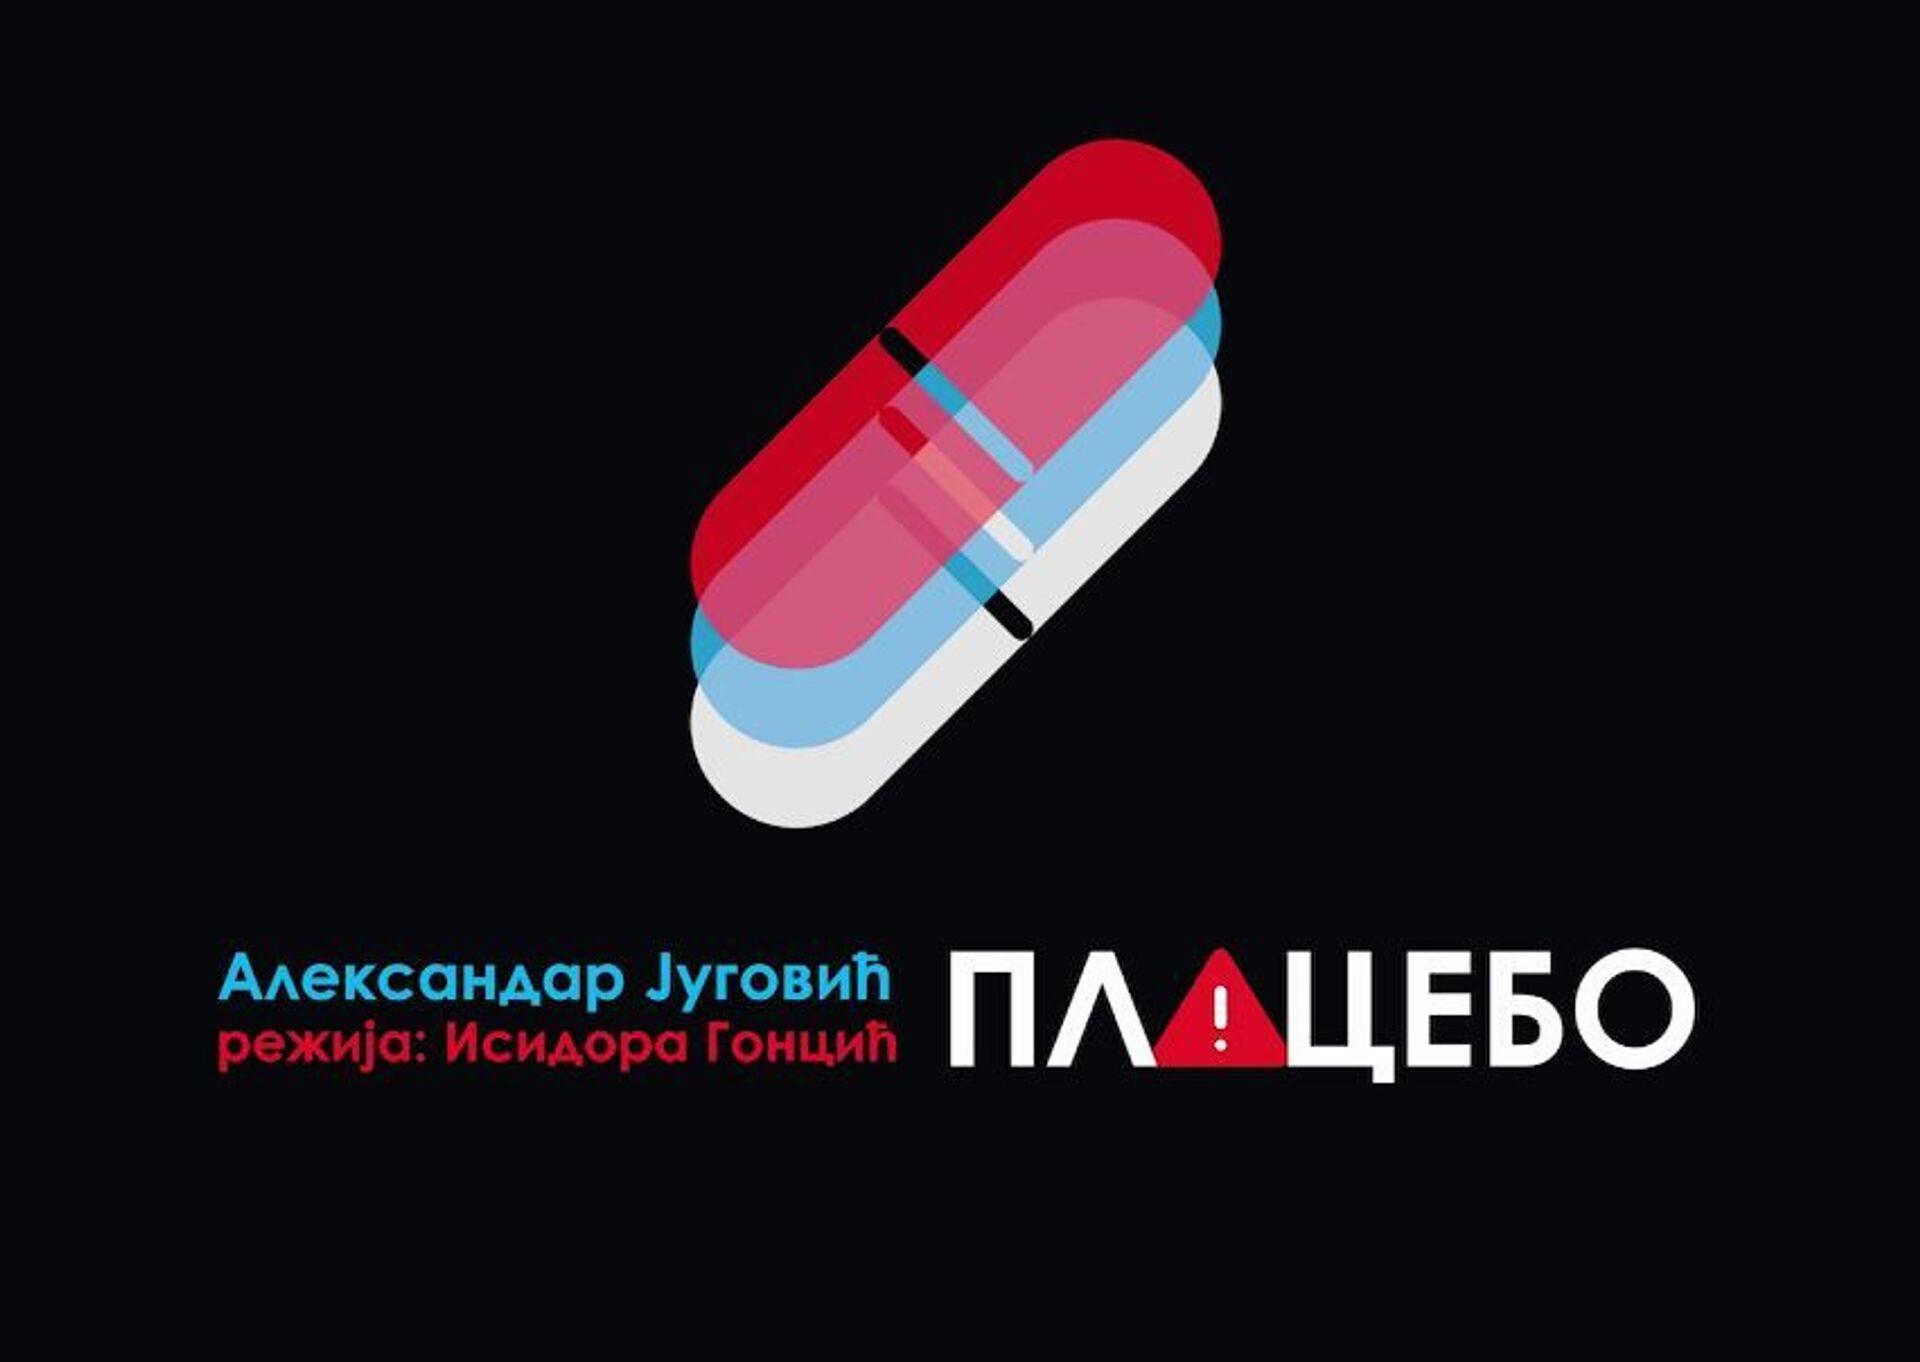 Rediteljka  Placeba: Mi smo krivci što smo takvi kakvi smo, a ne društvo ili porodica - Sputnik Srbija, 1920, 22.02.2021